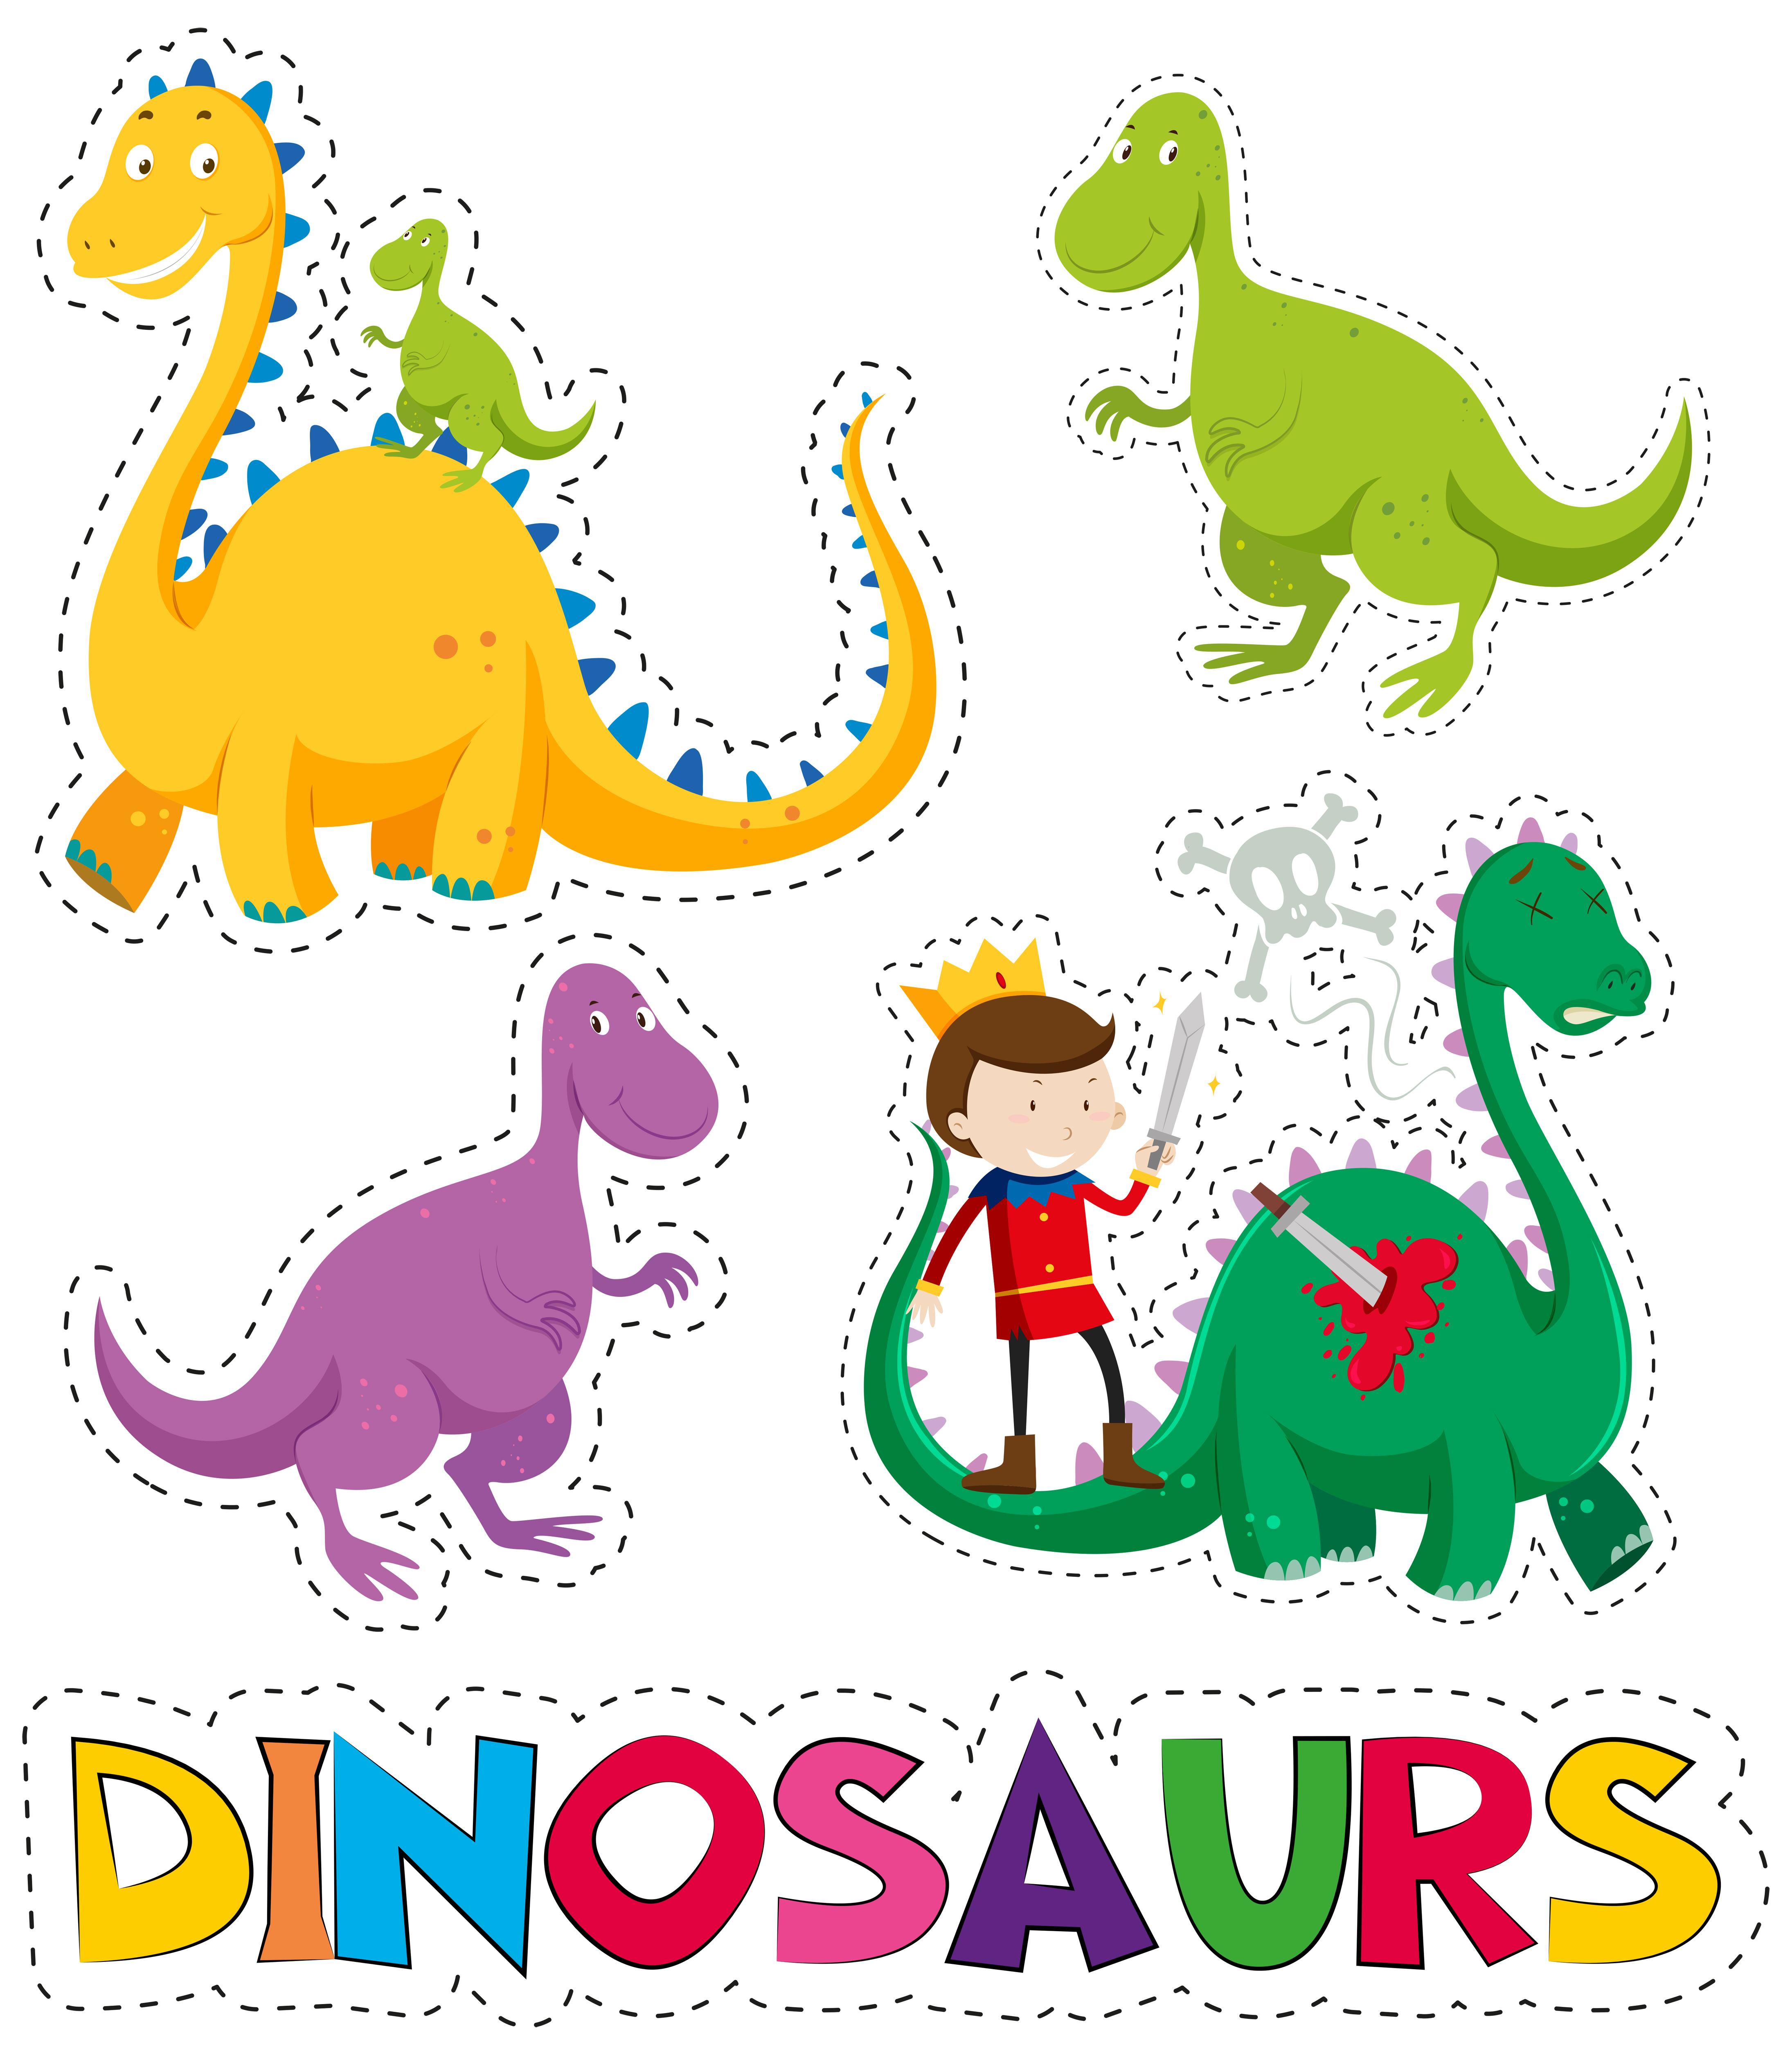 恐龍插畫 免費下載   天天瘋後製